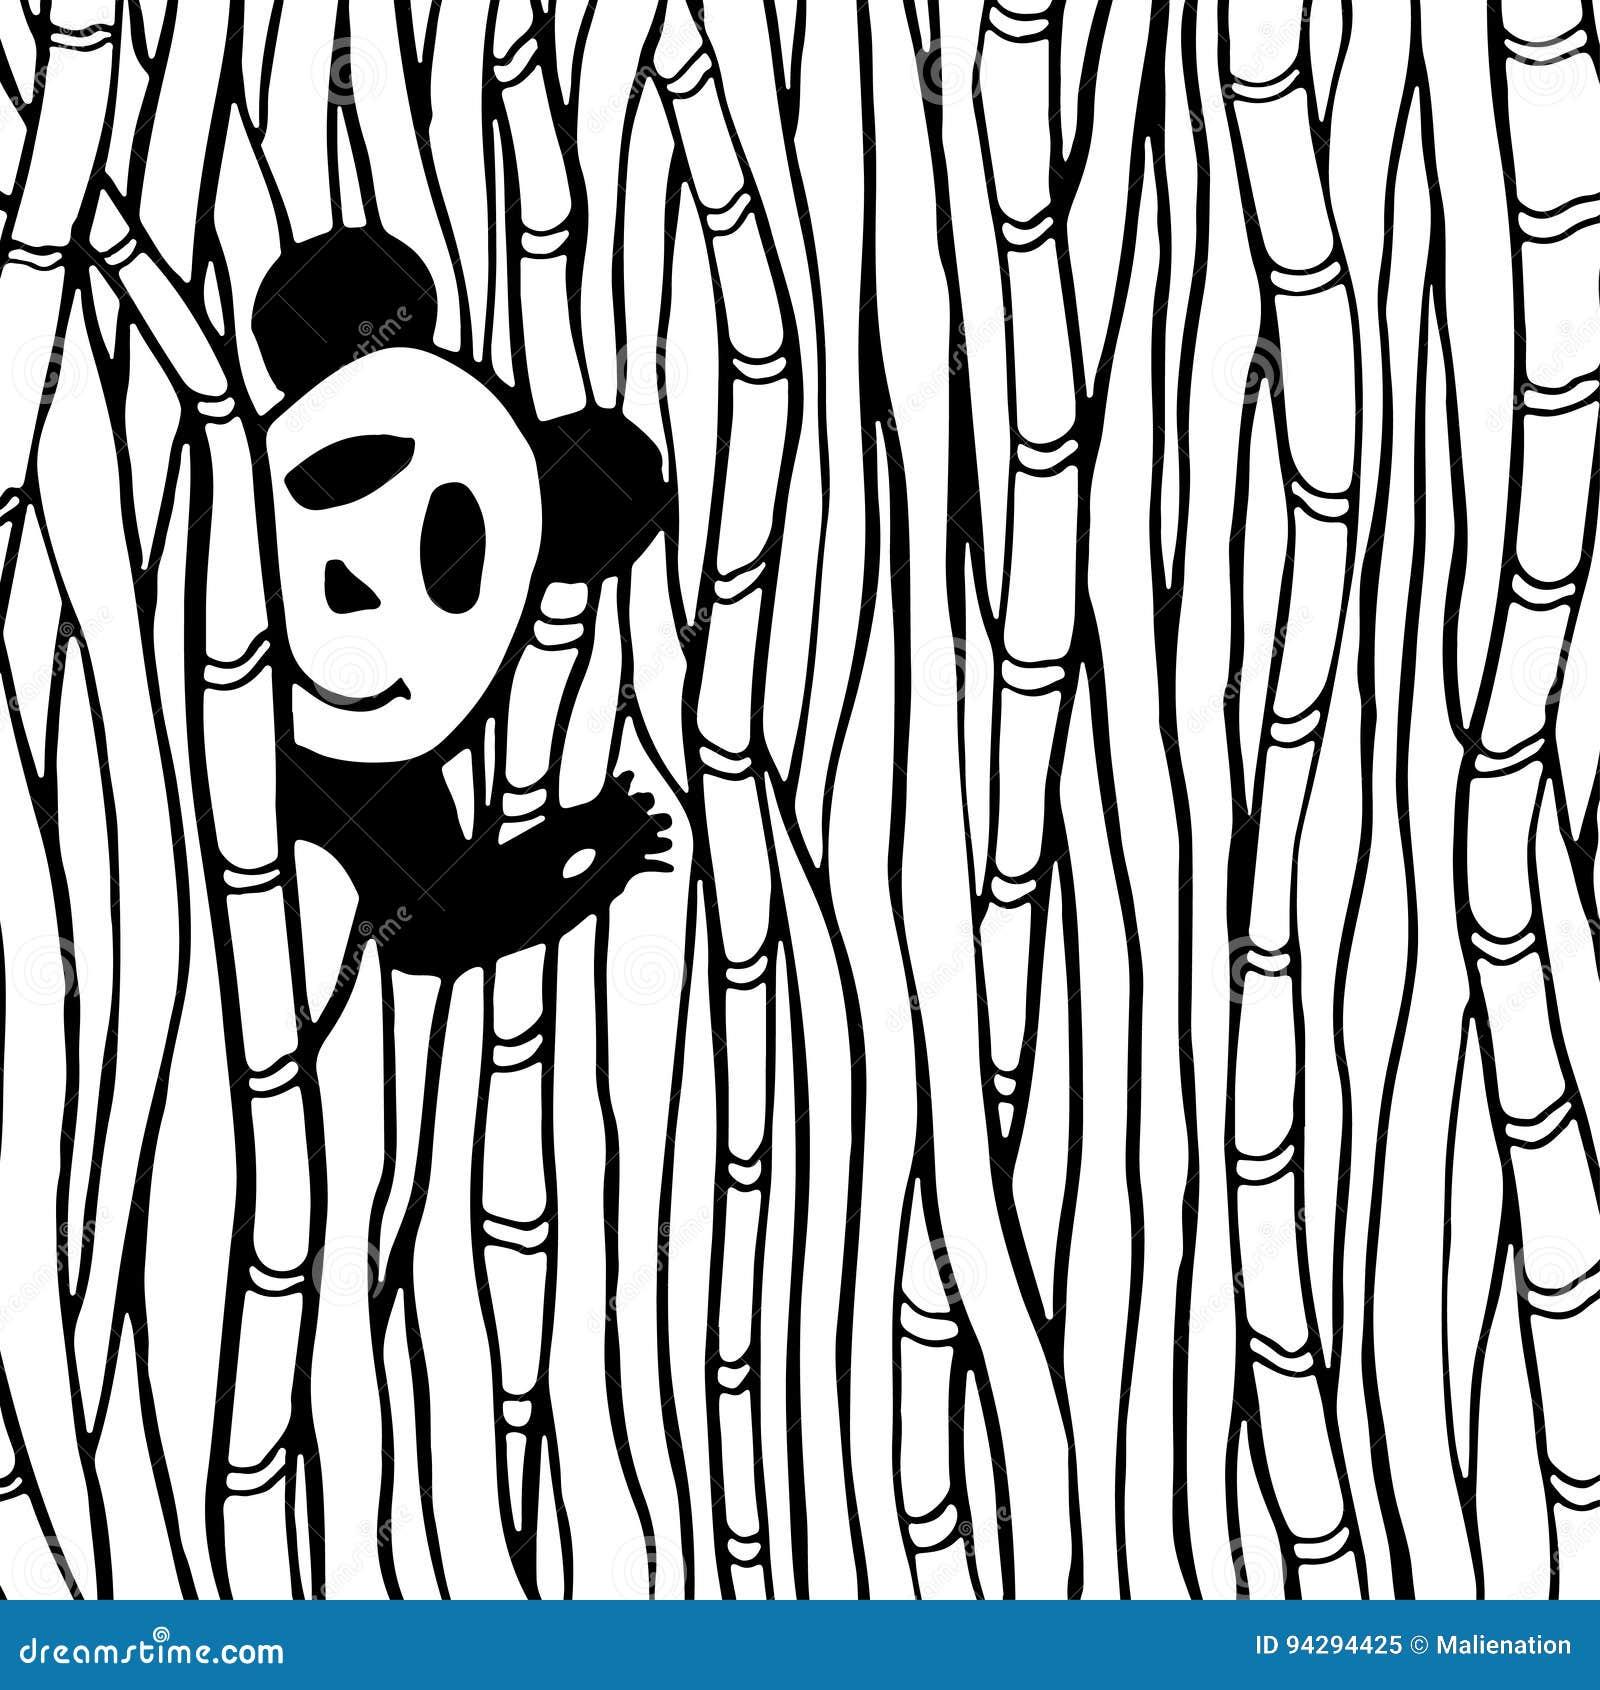 Coloriage Foret De Bambou.Panda Mignon Dans La Page En Bambou De Livre De Coloriage De Foret